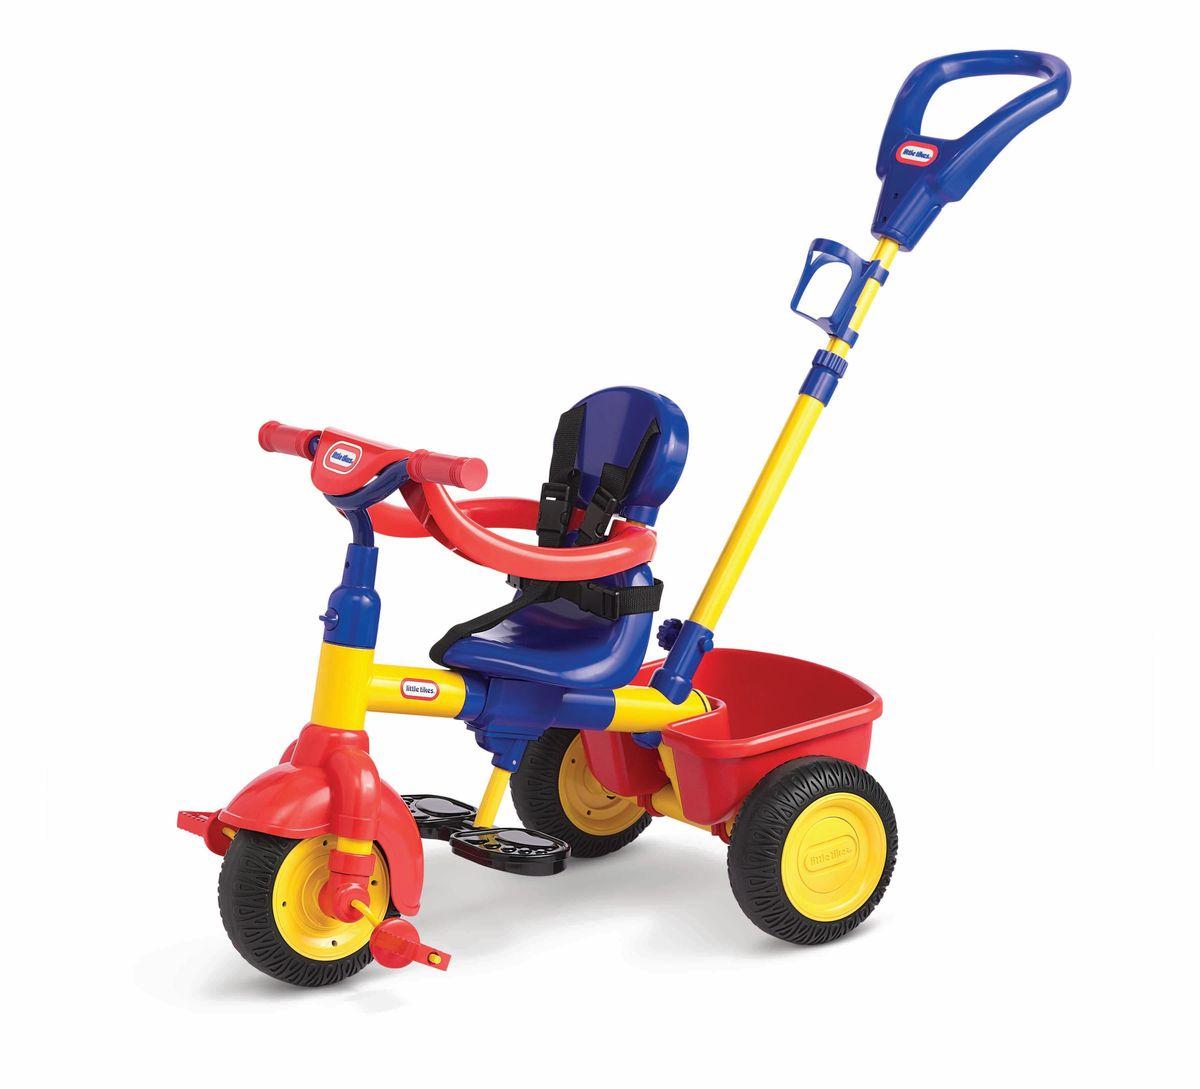 Little Tikes Велосипед детский627354Удобное сиденье, 3 положения, открепляющаяся спинка, ремни безопасности, ограничитель (в дополнение к ремням безопасности, для 1-го этапа), держатель для бутылочки, корзина сзади, тент от солнца. Колёса из прорезиненного пластика. Прекрасный яркий. Велосипед трехколесный Little Tikes 3 в 1 предназначен для самых маленьких гонщиков. По мере взросления ребенка велосипед также будет менять свою модификацию. Когда малыш сможет самостоятельно управлять велосипедом, возможно убрать родительскую ручку, снять бортик безопасности и Little Tikes 3 в 1 превратится в обычный трехколесный велосипед.Характеристики модели:- для детей от 9 месяцев до 3 лет;- мягкие колеса EVA с протектором, изготовлены из PP (полипропилен) и EVA (этиленвинилацетат);- максимальный допустимый вес ребенка 23 кг;- устойчивый и безопасный;- сиденье со спинкой пластиковое;- материал пластик;- управление рулем;- корзинка для игрушек;- толстая прочная рама;- родительская ручка;- подвижный тент от солнца;- пятиточечные ремни безопасности;- подножка для ног;- нескользящие педали и ручки руля;- держатель для бутылочки;- максимальная нагрузка на корзину 2,3 кг;- размеры велосипеда 93 х 48 х 93 см.Какой велосипед выбрать? Статья OZON Гид